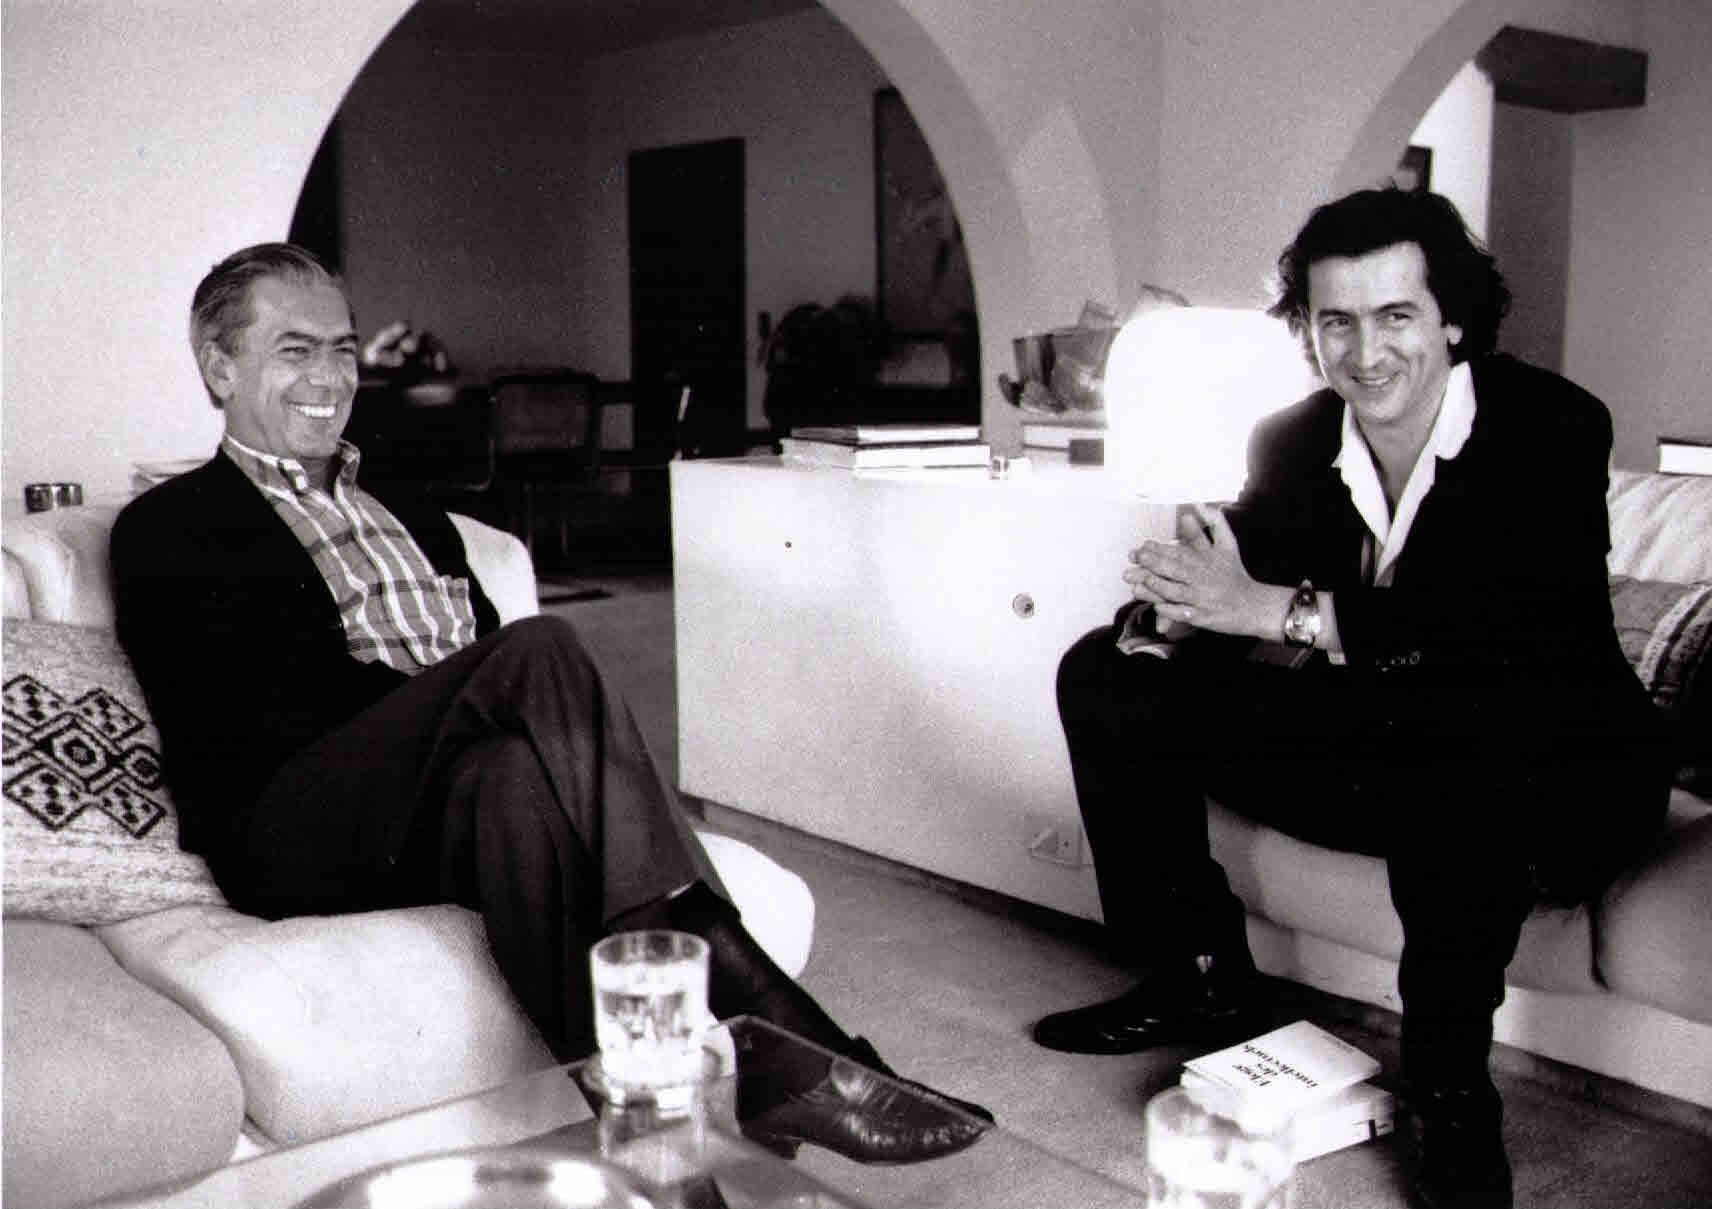 Mario Vargas Llosa et Bernard-Henri Lévy dans es années 90 à Lima, Pérou.